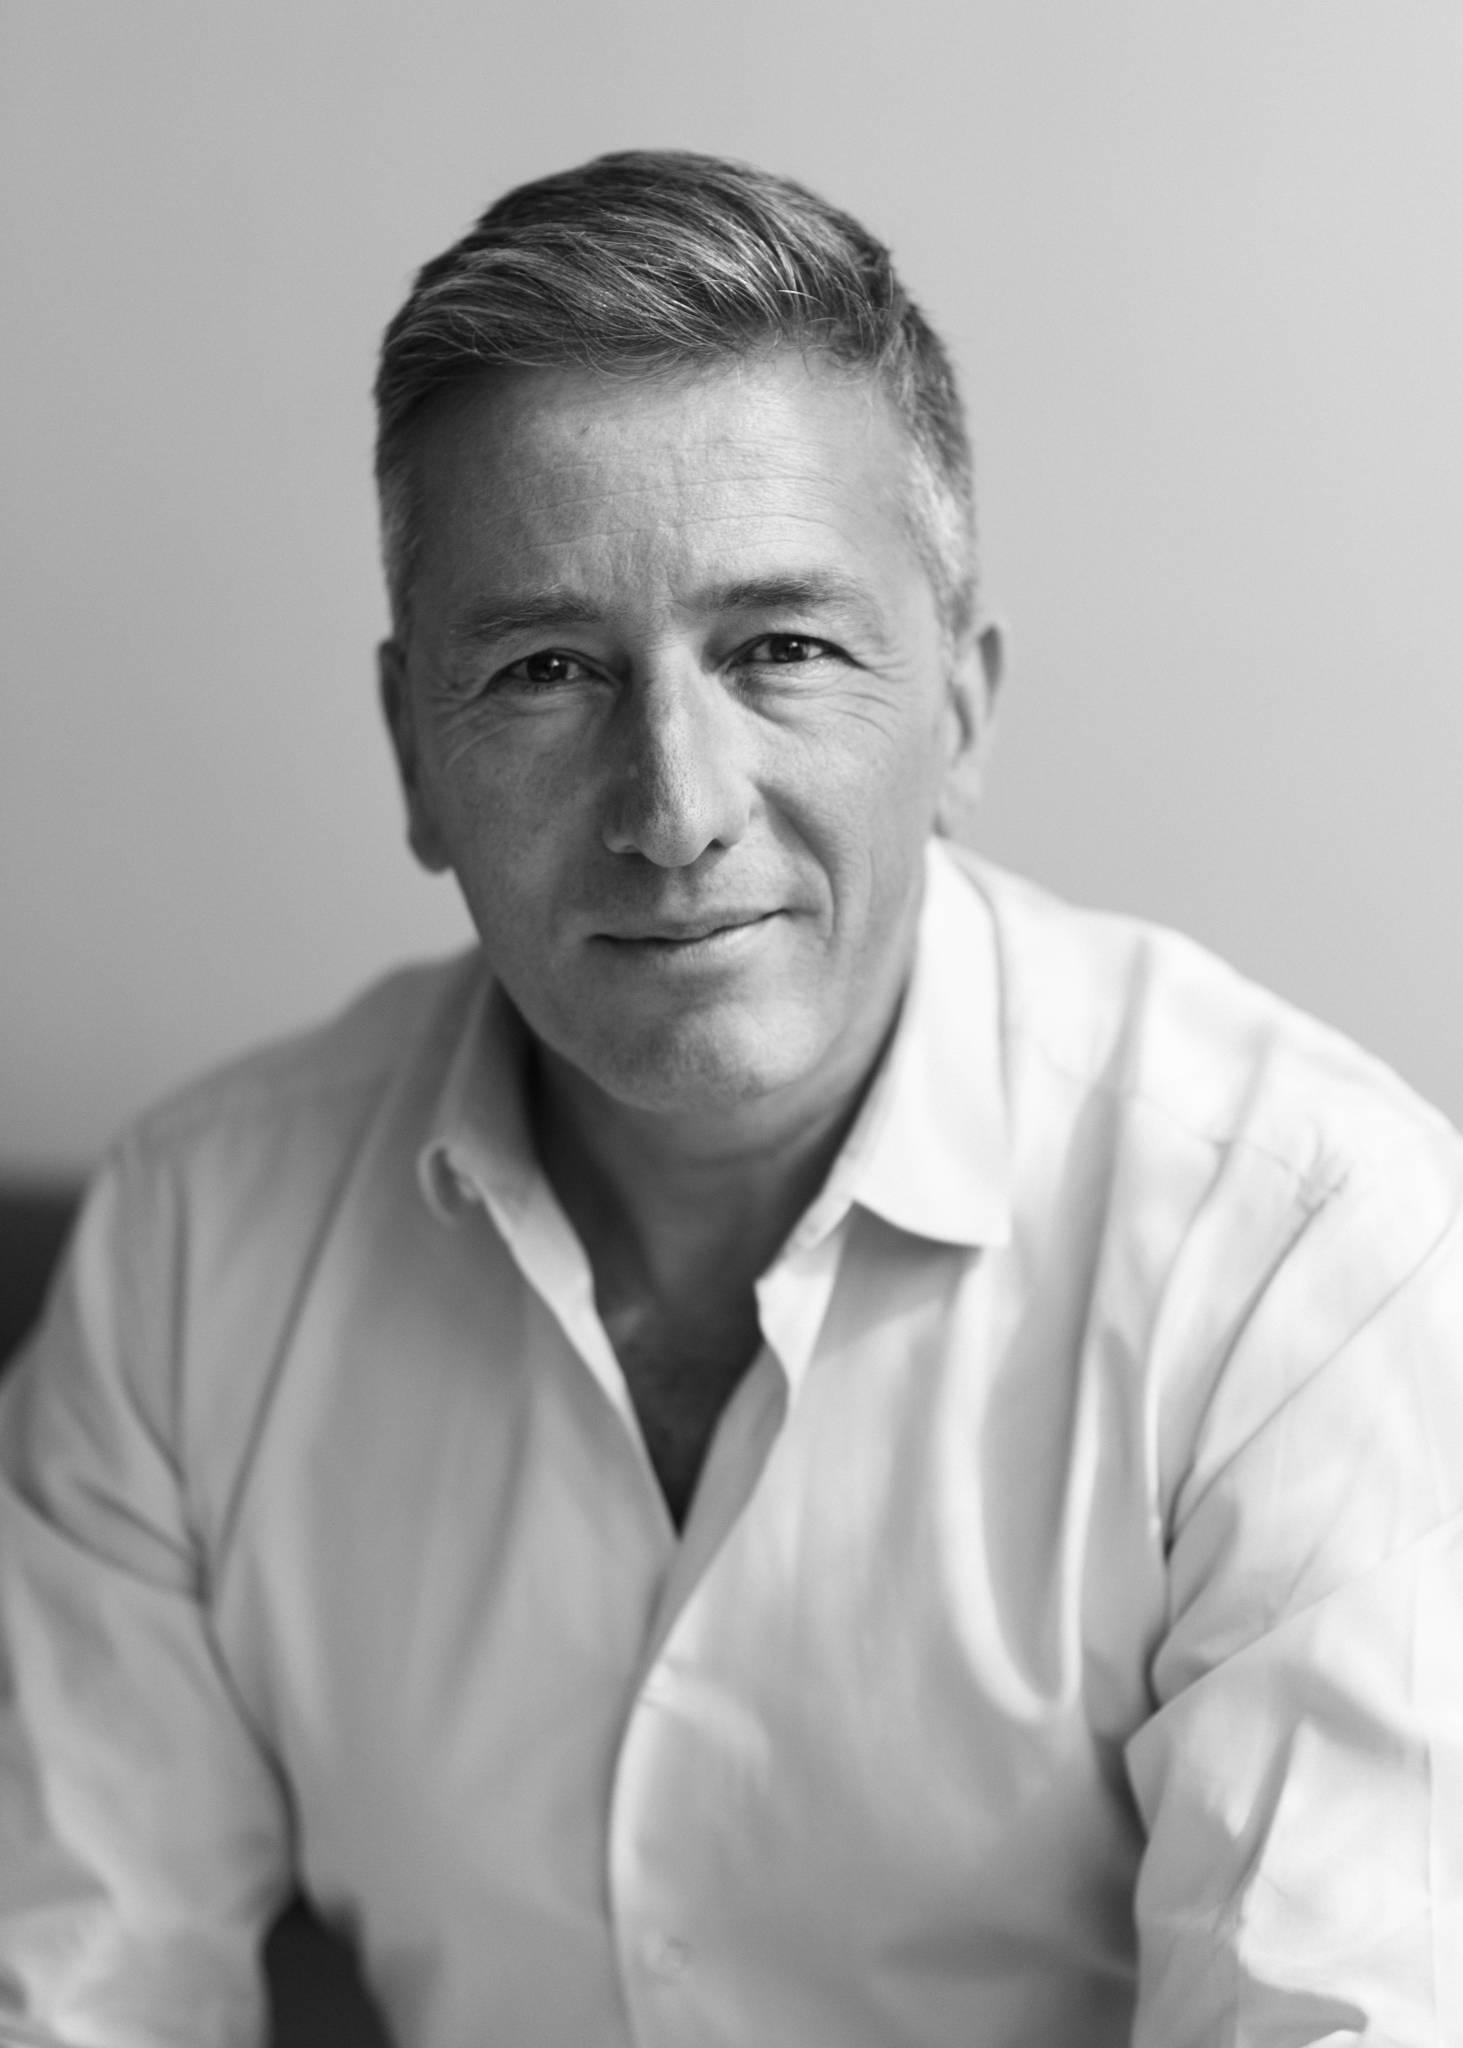 Stéphane Allix o swoim dziennikarskim śledztwie i swoistej podróży w czasie